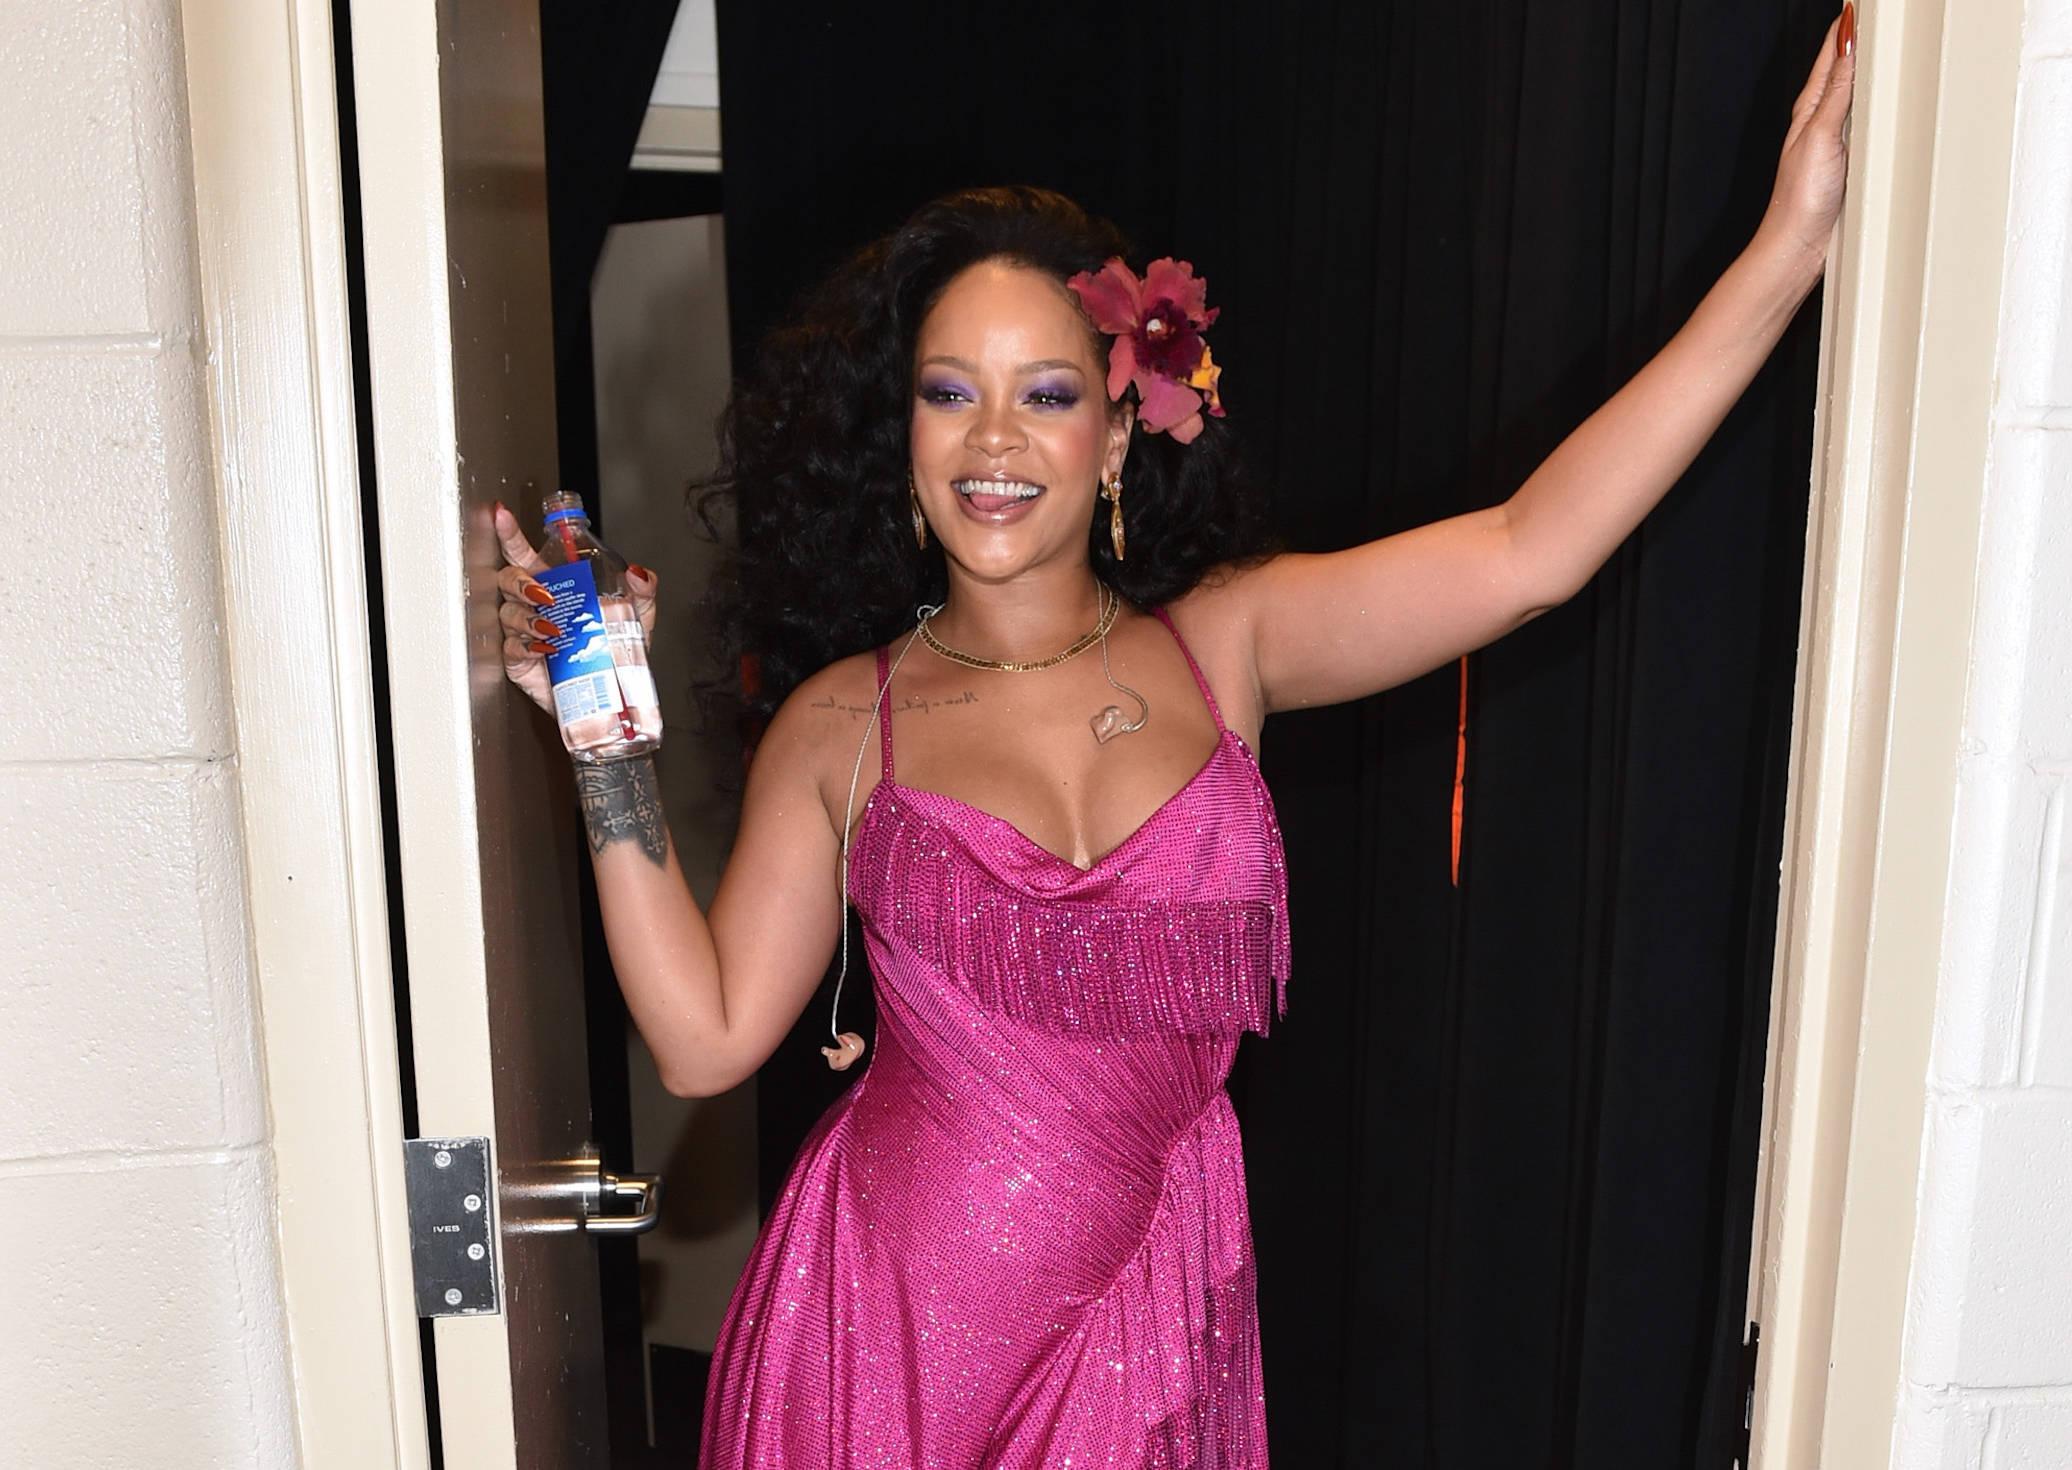 30 Fakten Zu Rihannas 30 Geburtstag Stylebook